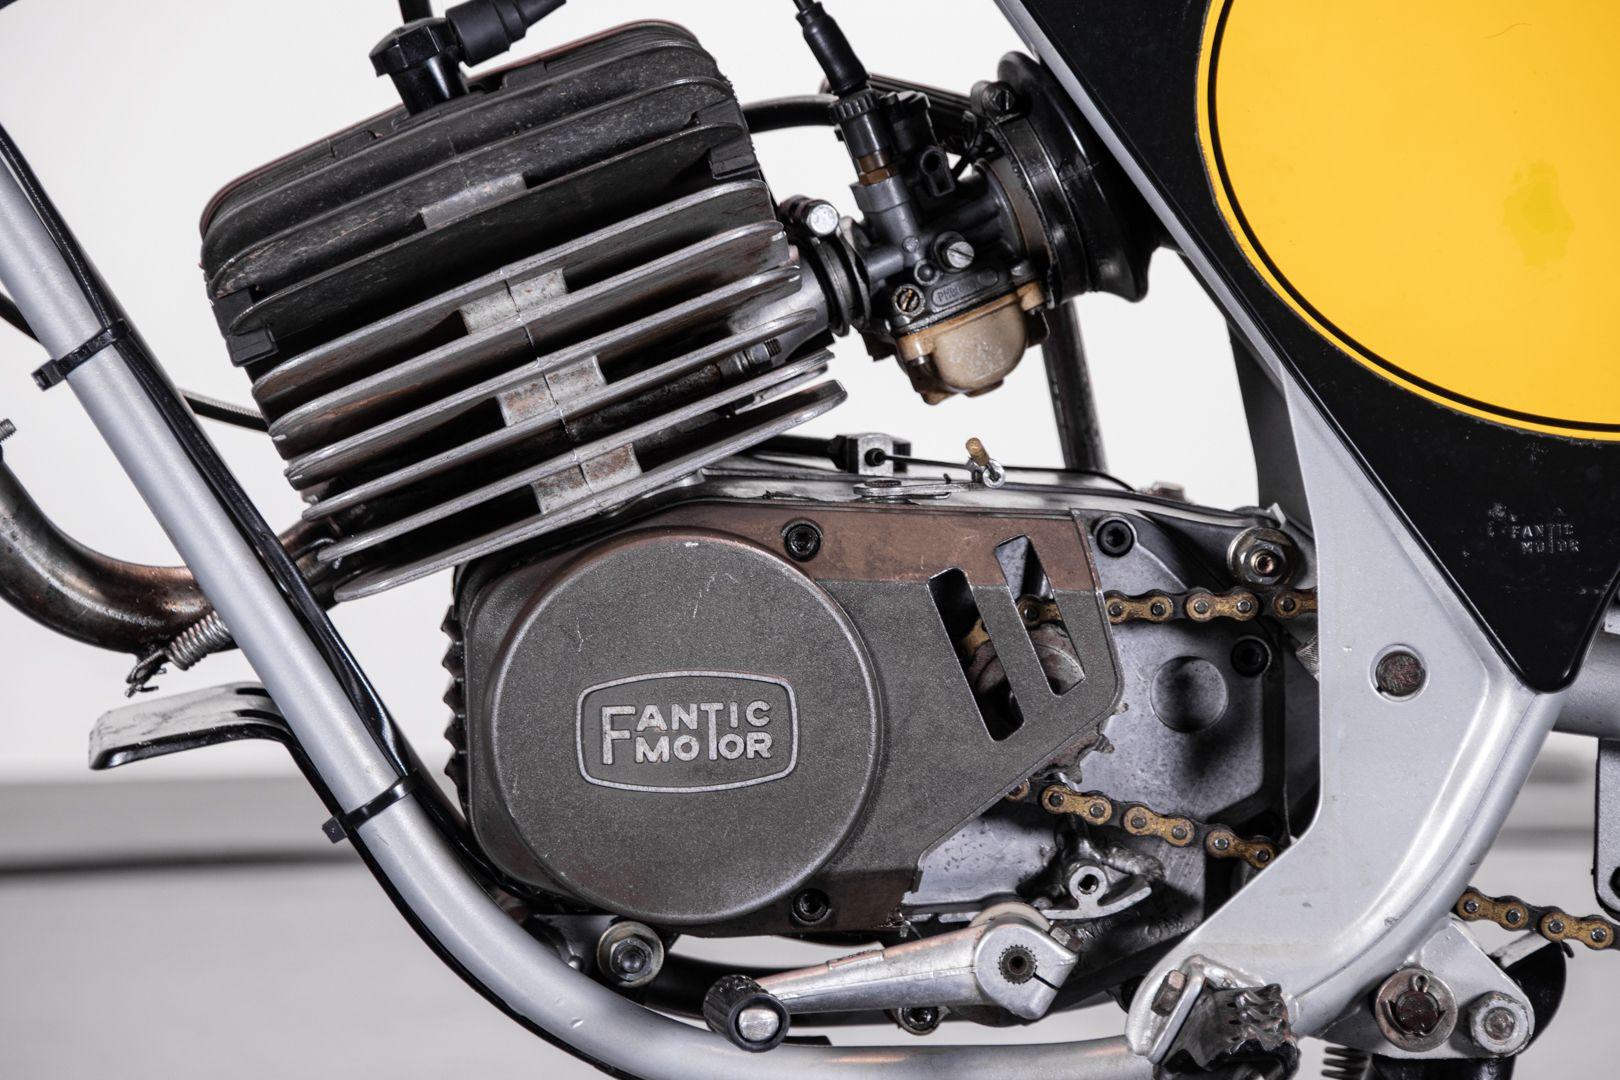 1977 Fantic Motor Caballero 50 Super 6M TX 190 64679